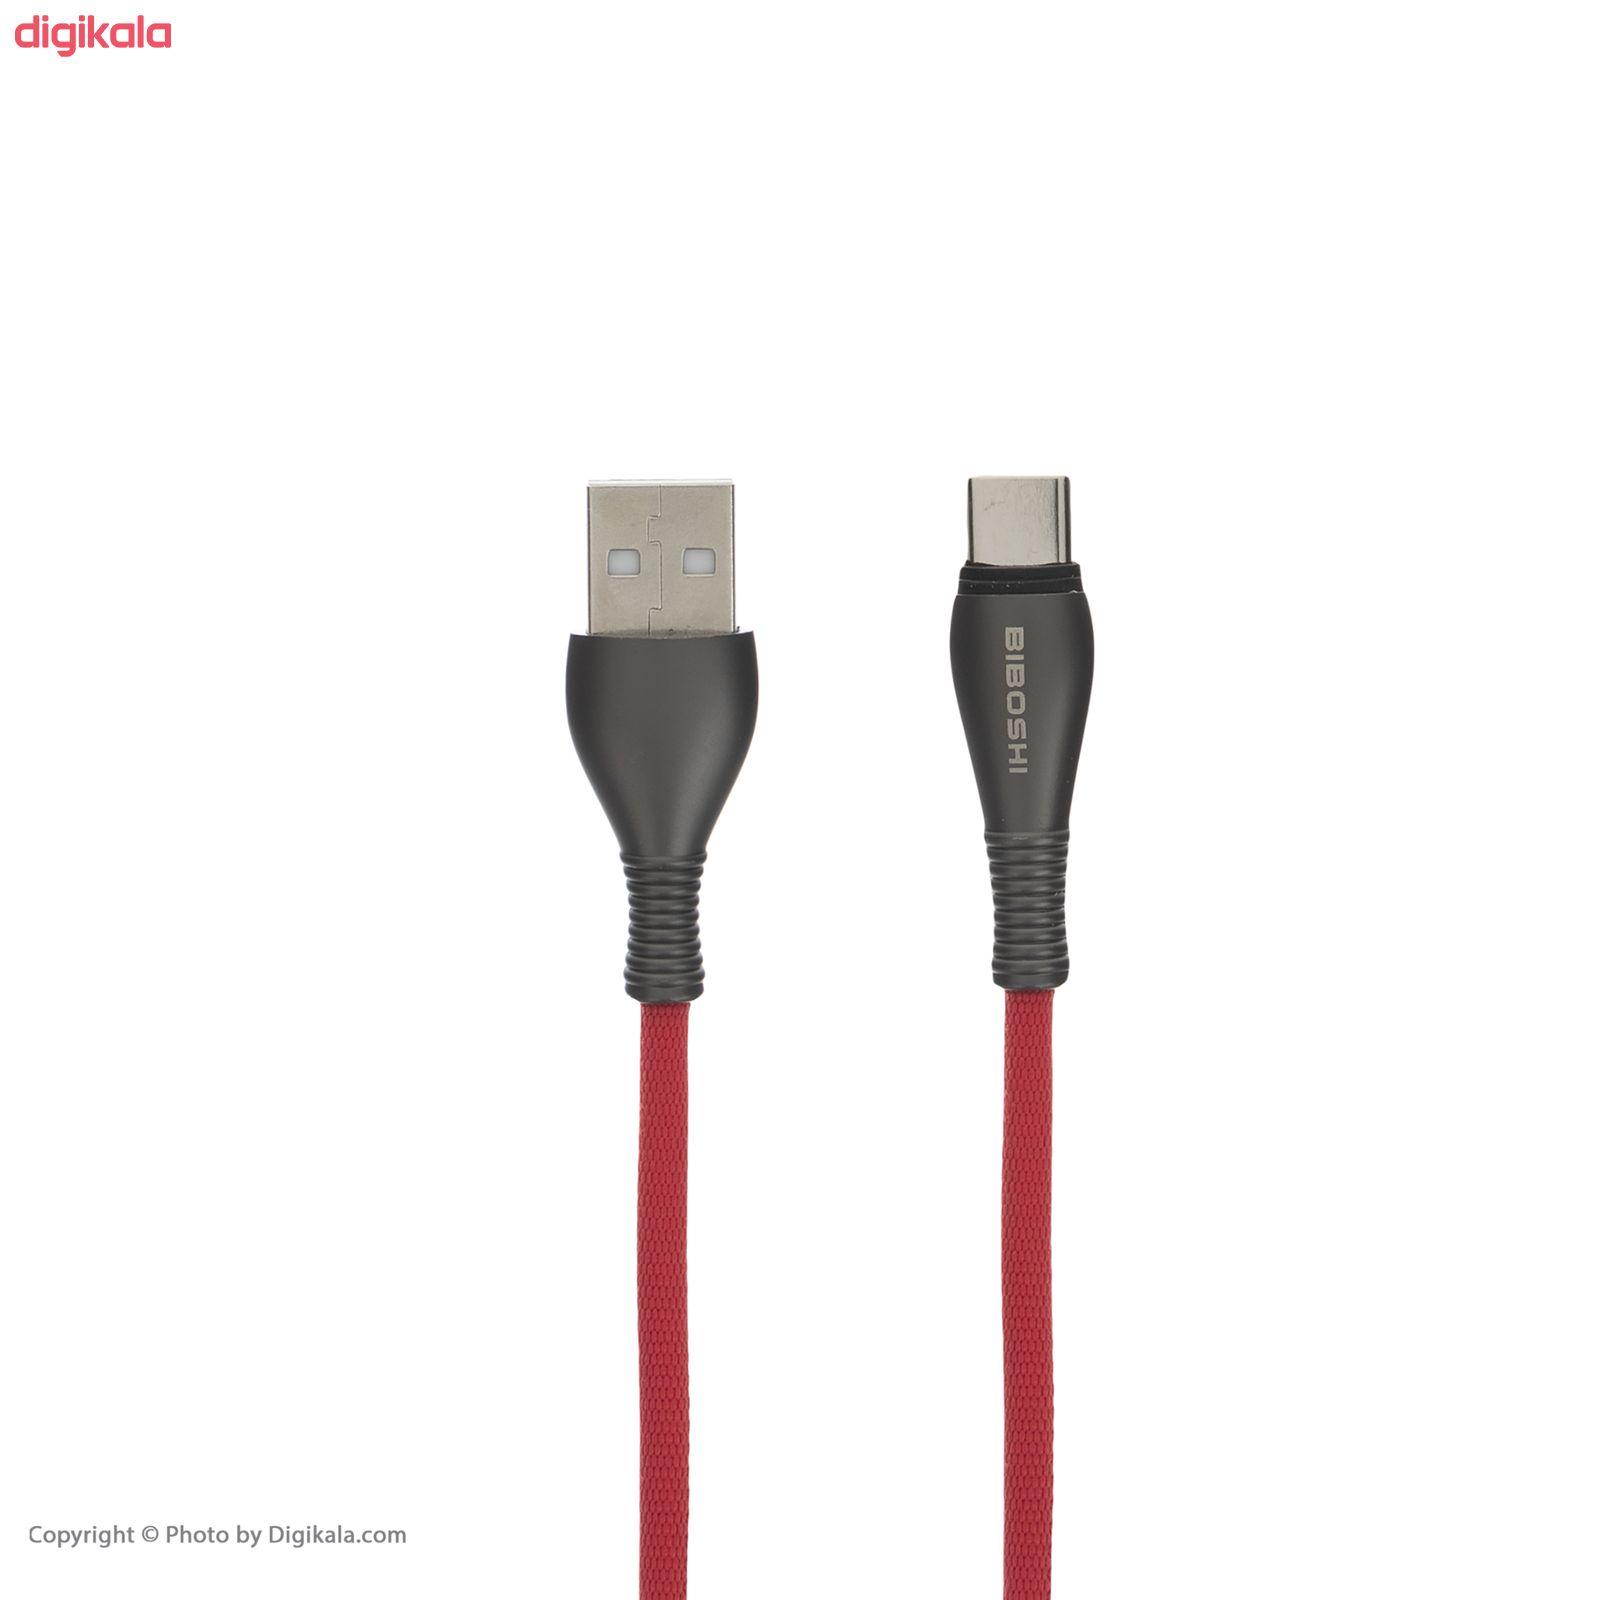 کابل تبدیل USB به USB-C بیبوشی مدل A05 طول 1 متر main 1 1